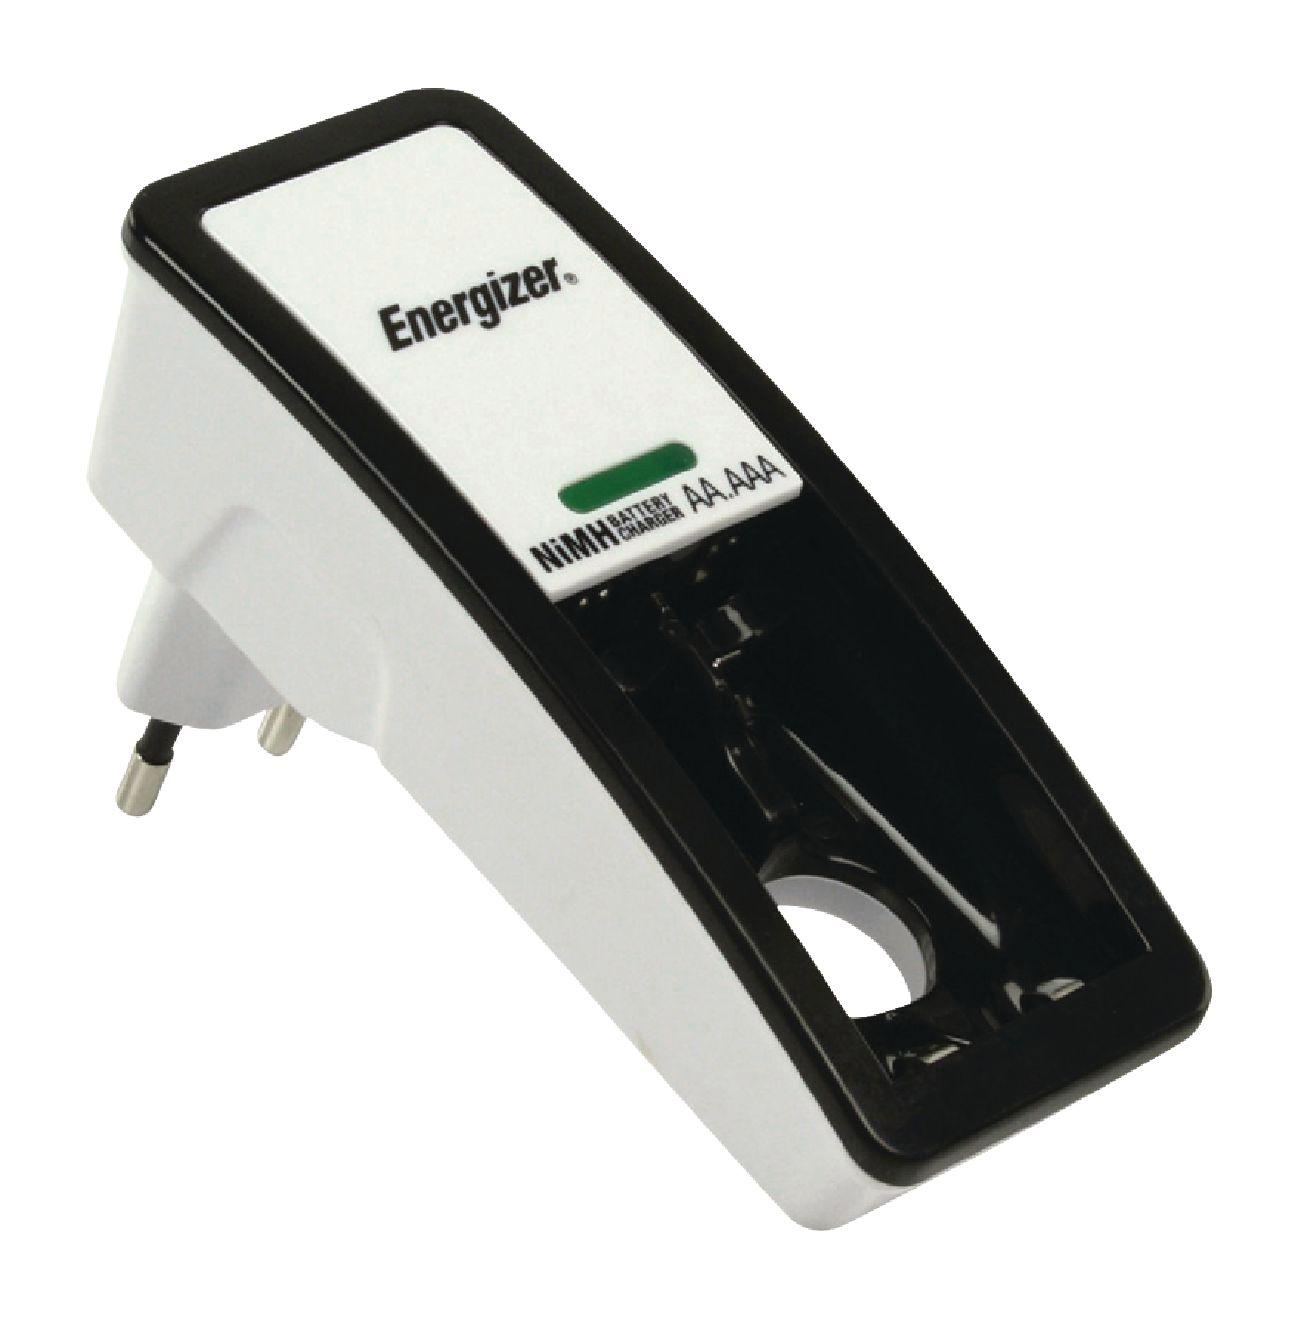 Energizer_NiMH Battery_Charger AAAAA_2x_AAA NiMHHR03